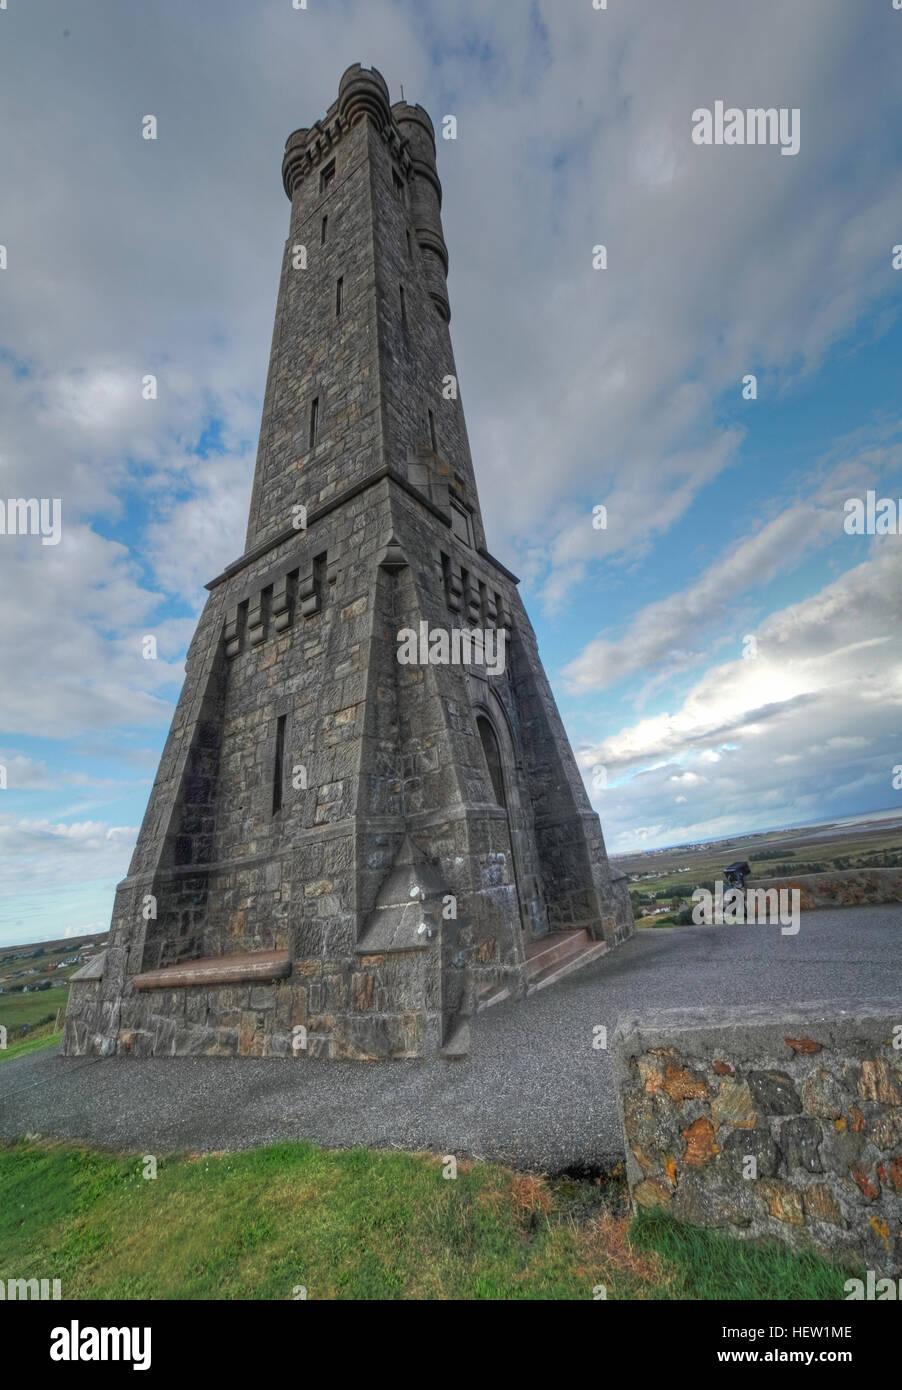 Laden Sie dieses Alamy Stockfoto Stornoway, Isle Of Lewis Krieg Memorial, Scotland, UK - HEW1ME